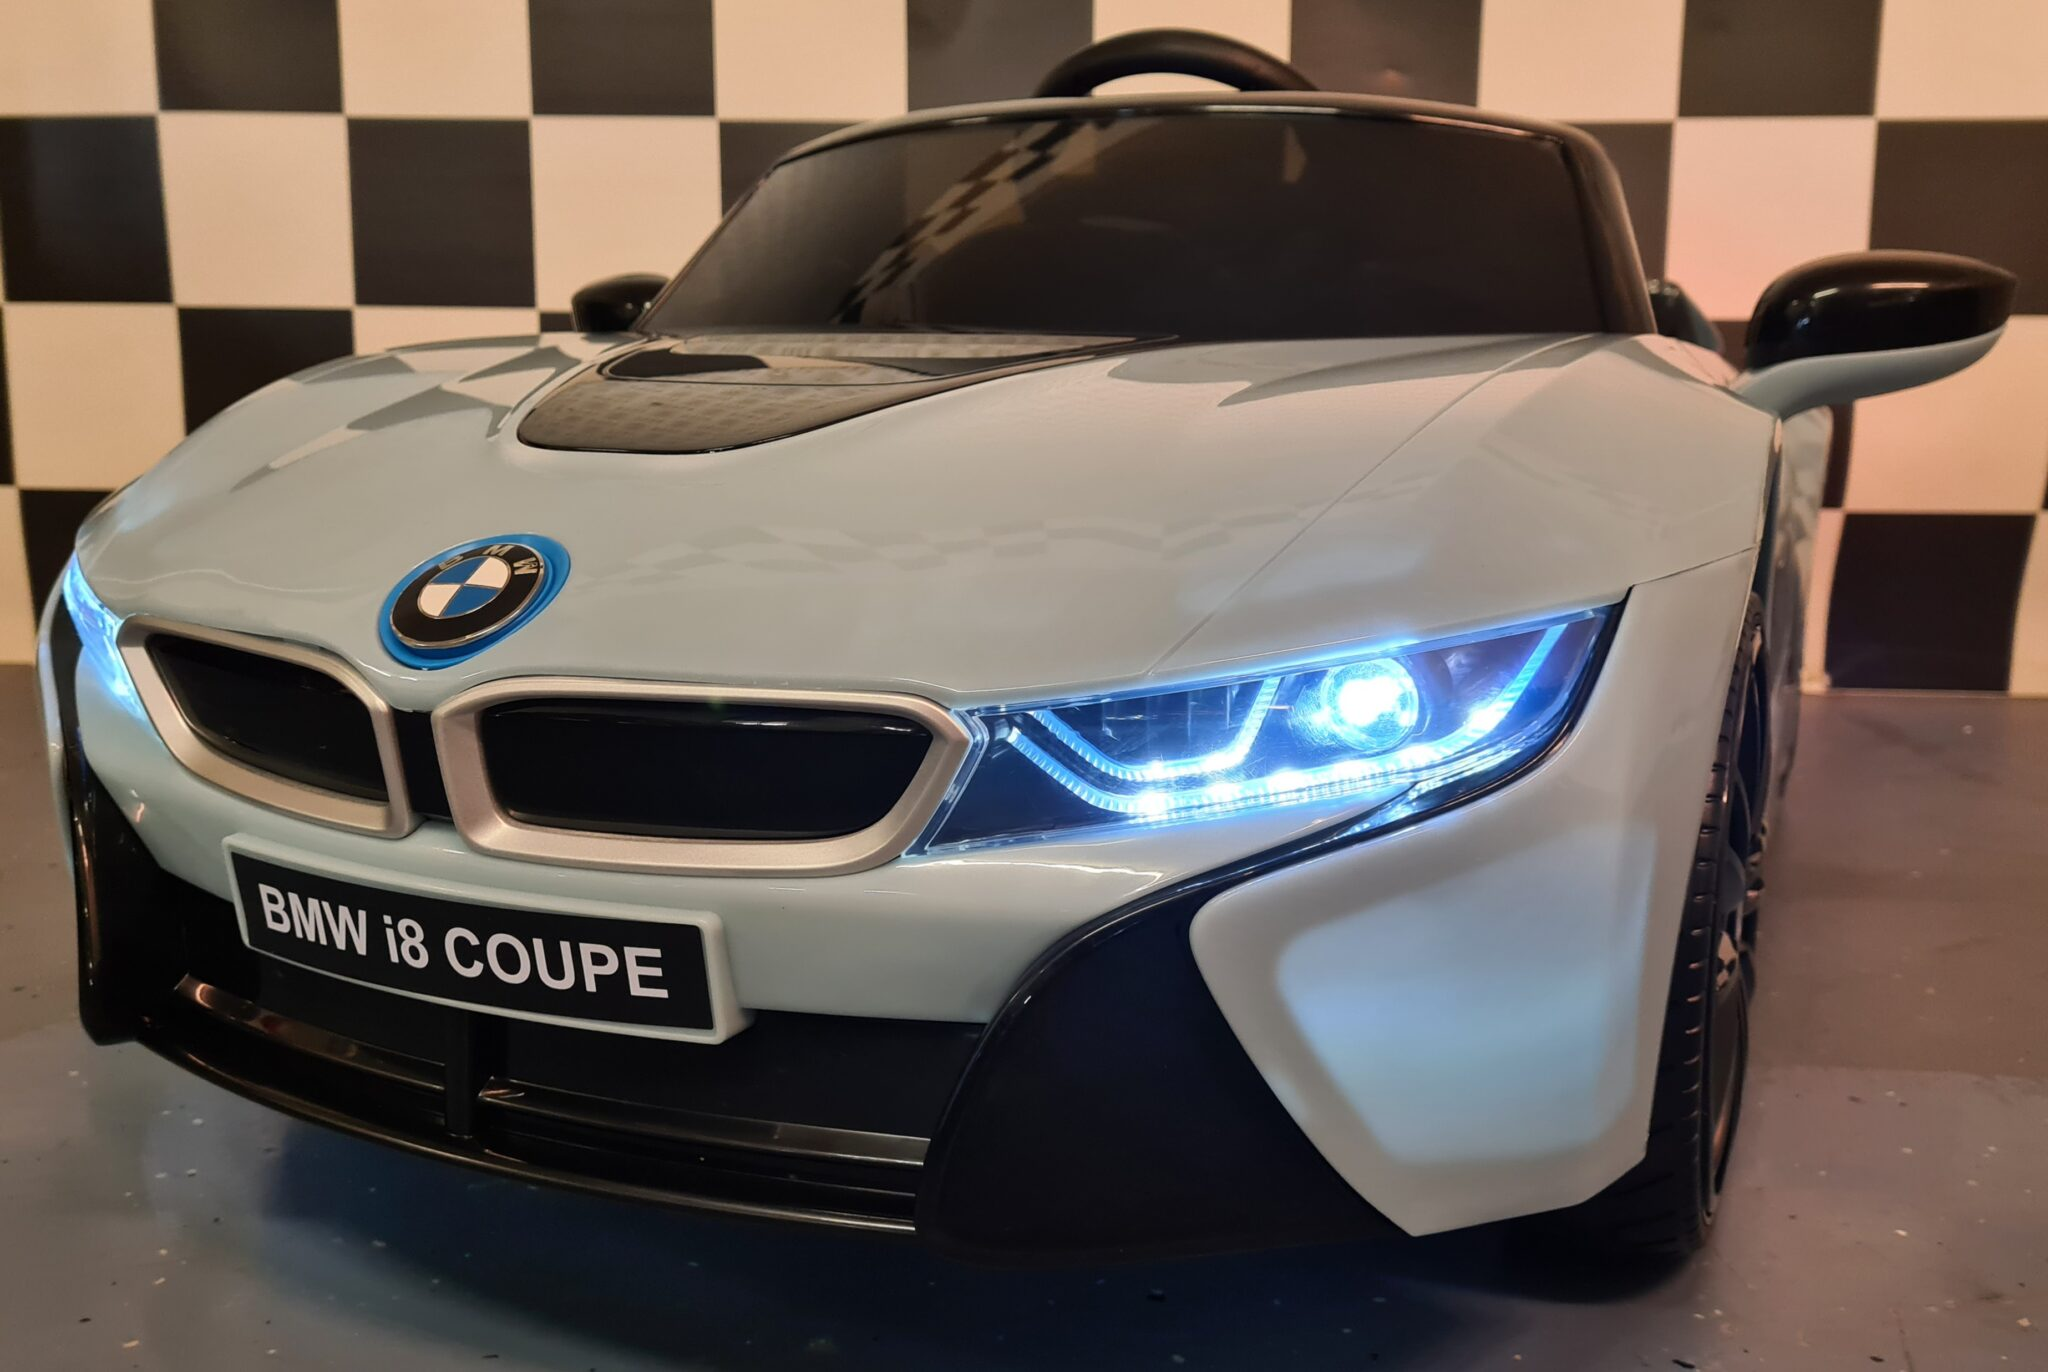 BMW i8 elektrische accu speelgoedauto 12V 2.4G afstandsbediening blauw